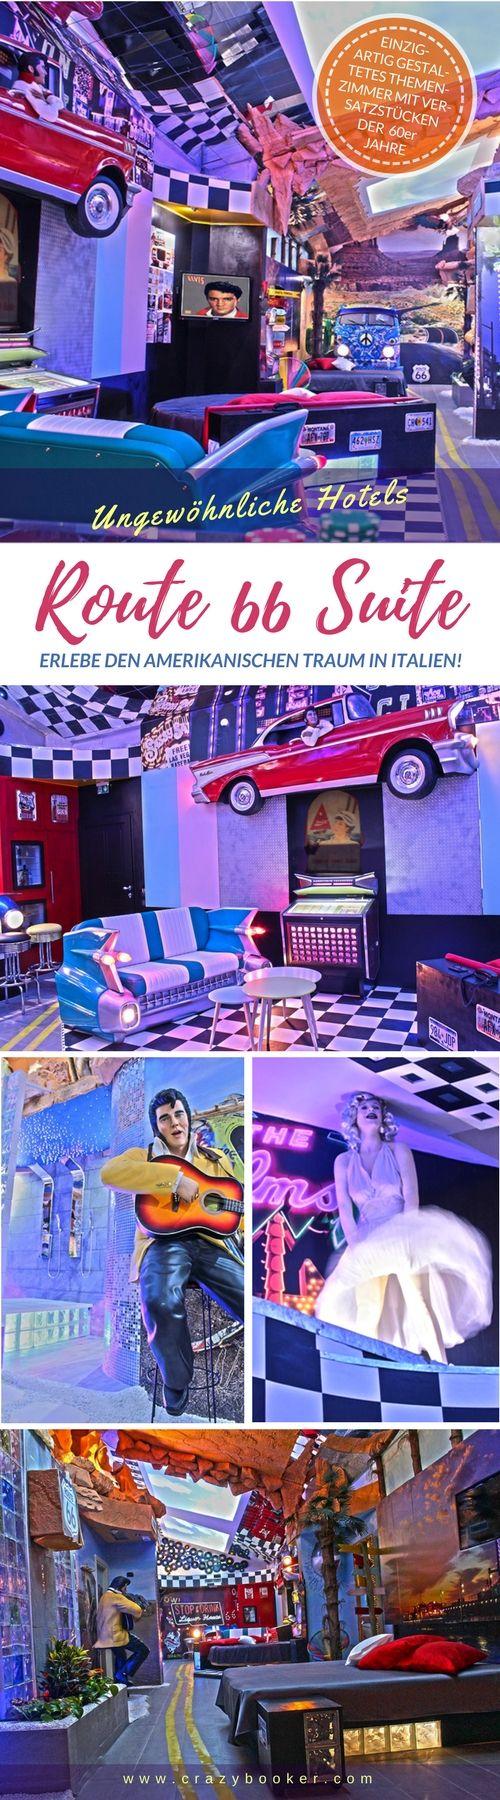 Route 66 Themenzimmer in Italien   Dieses luxuriöse Hotelzimmer in der Lombardei versetzt seine Gäste ins amerikanische Jahrzehnt der 60er Jahre und erzählt den Mythos der Route 66   Gestaltet wie eine Straße und mit vielen Souvenirs aus der Kult-Ära wie originaler Muxikbox, lebensgroßen Statuen von Elvis Presley & Marilyn Monroe und natürlich Vintage Auto-Komponenten ist dieses nostalgische Liebesnest liebevoll dekoriert   Jetzt Website besuchen oder Pinnwand folgen! #route66 #hotel #elvis